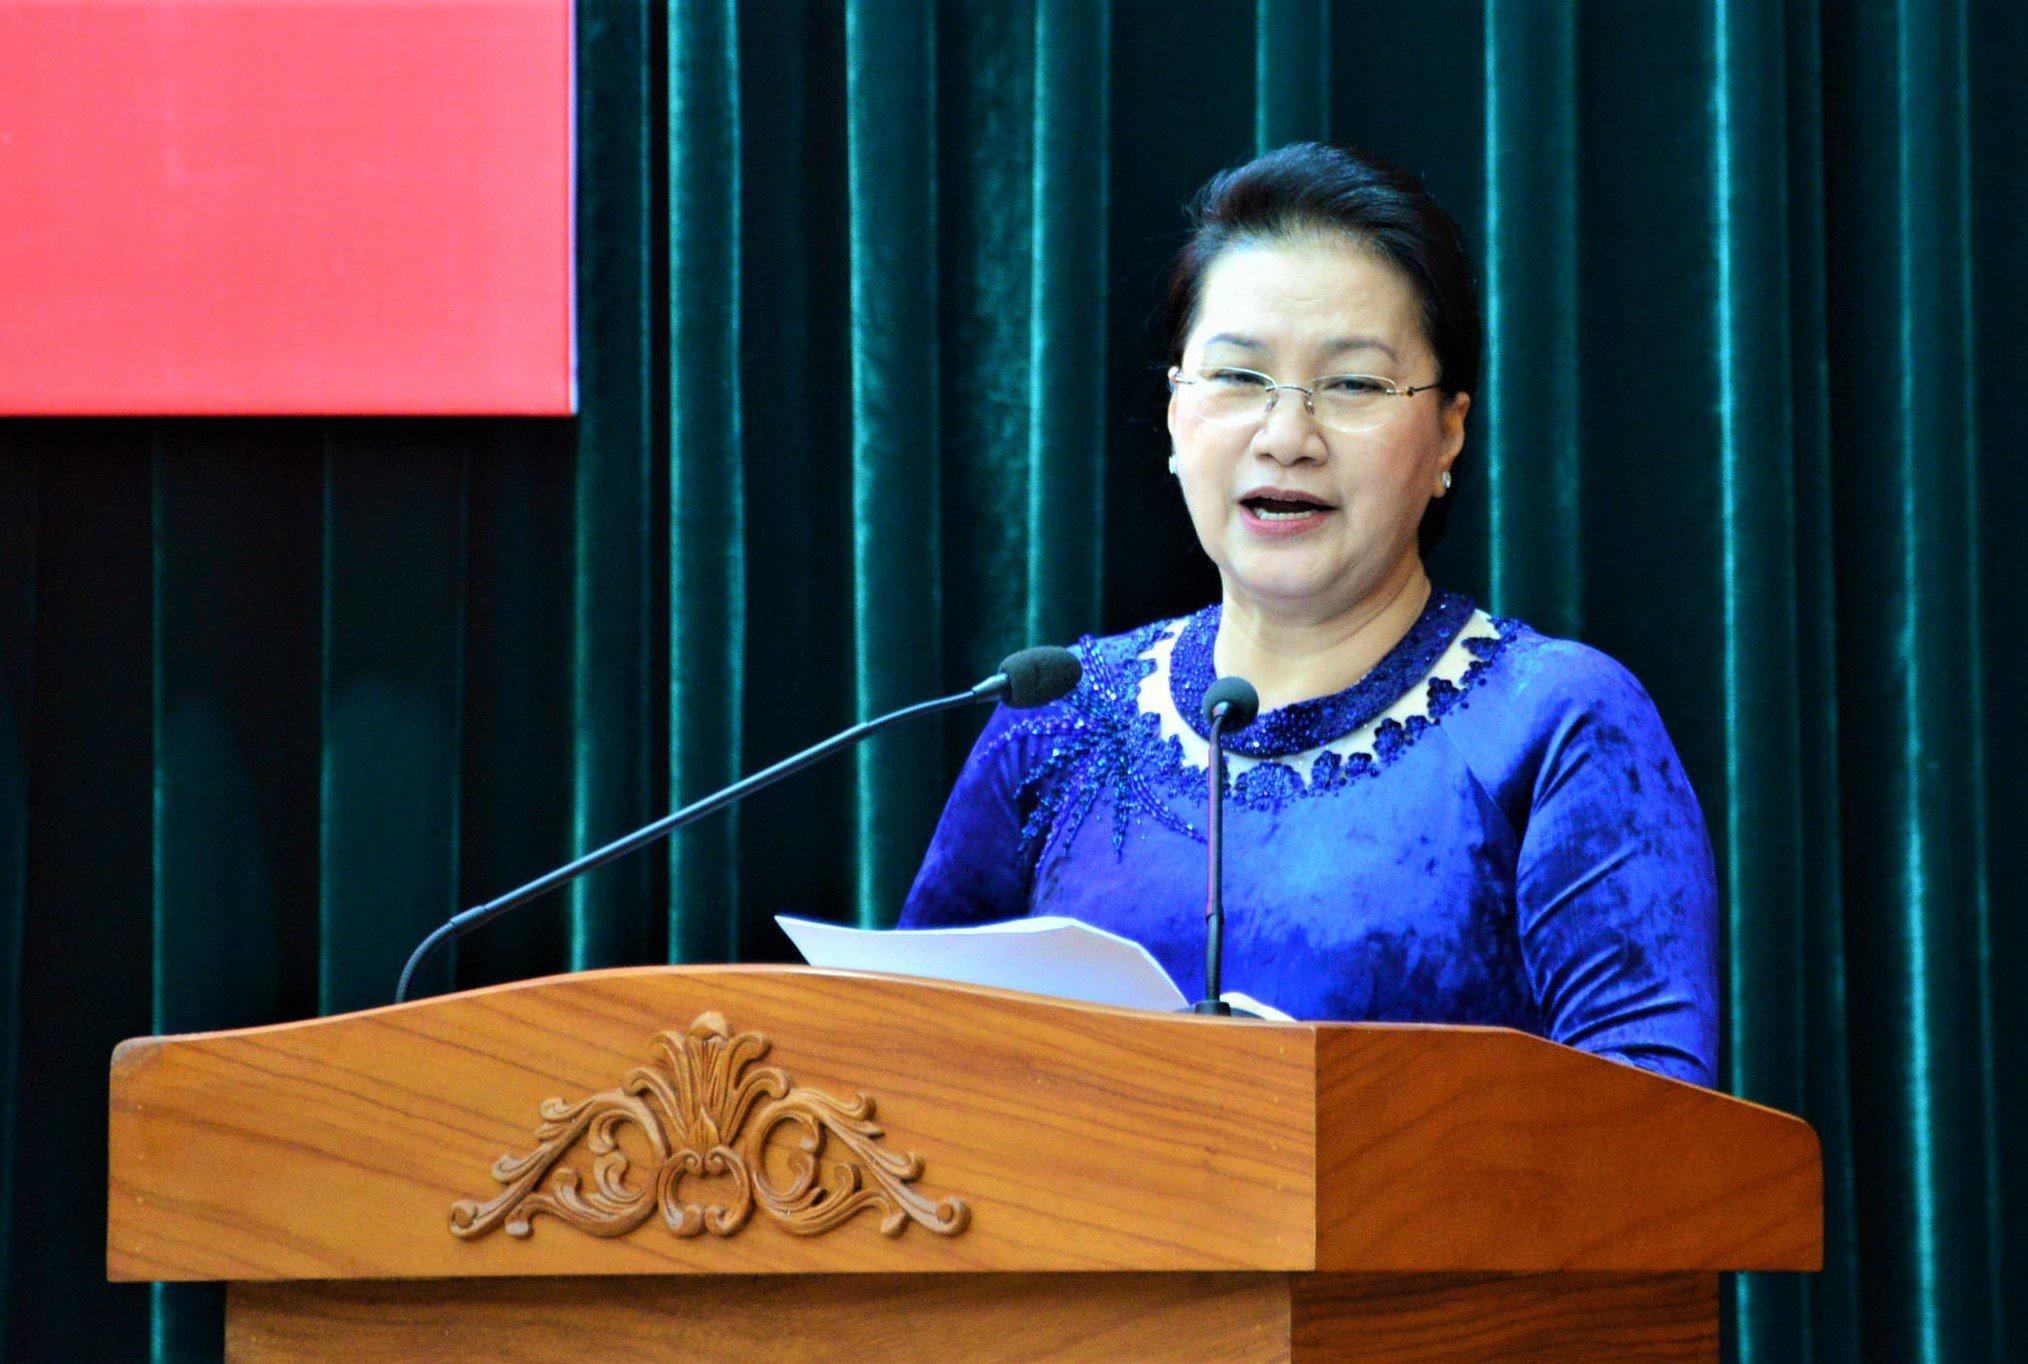 Bo Chinh tri phan cong ong Nguyen Van Nen ve TP.HCM anh 1